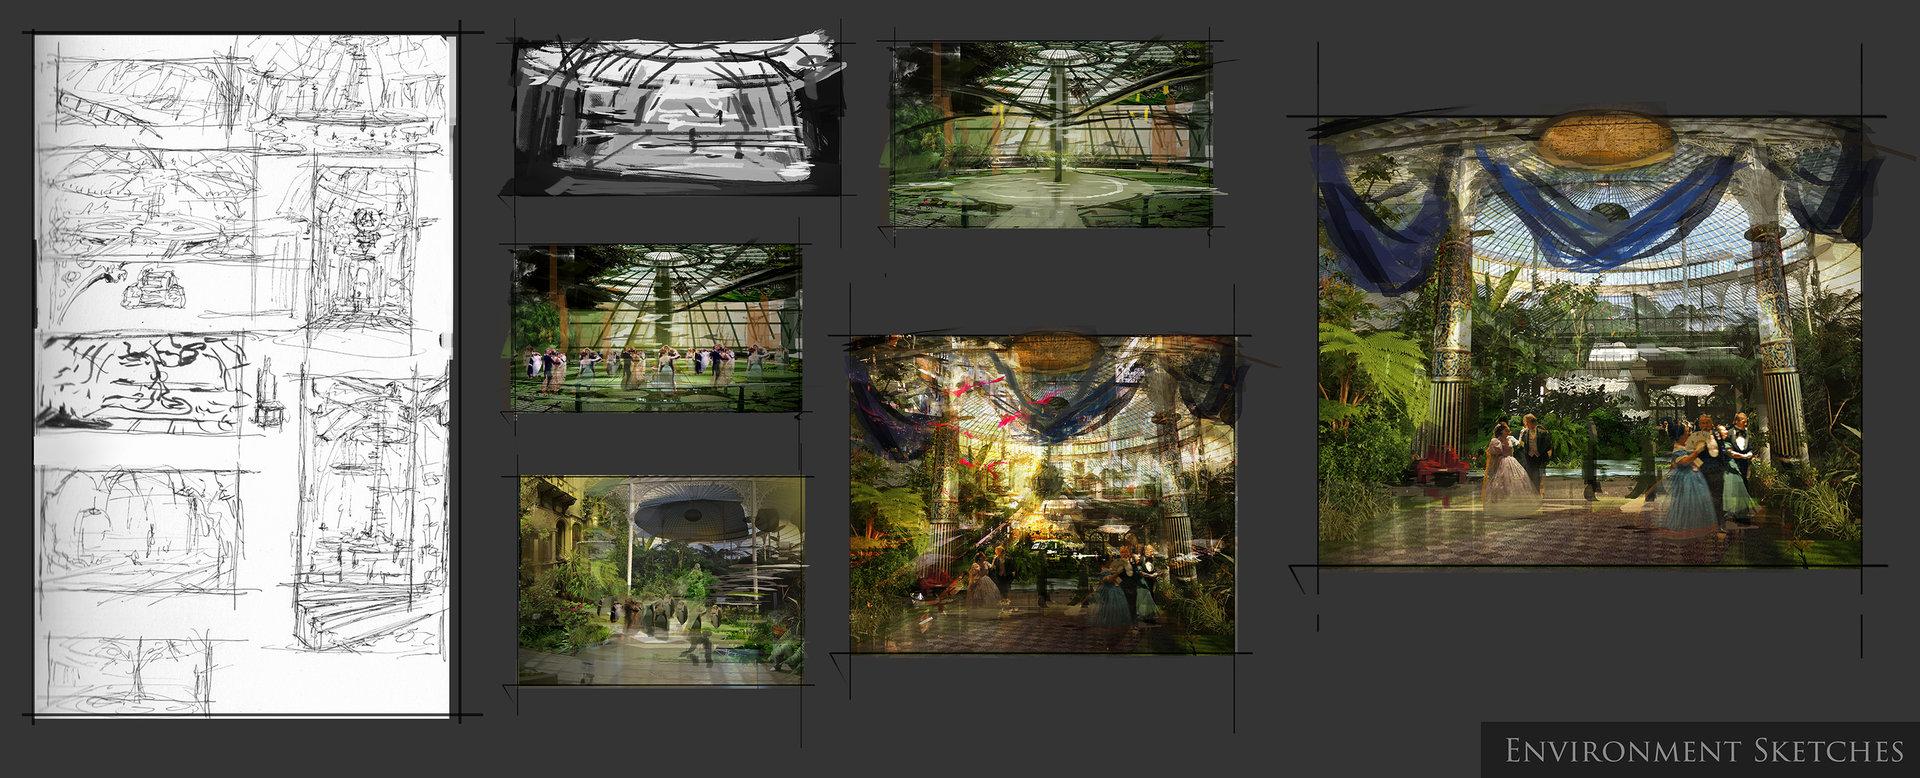 Muyoung kim rad ballroom concept sketches myk